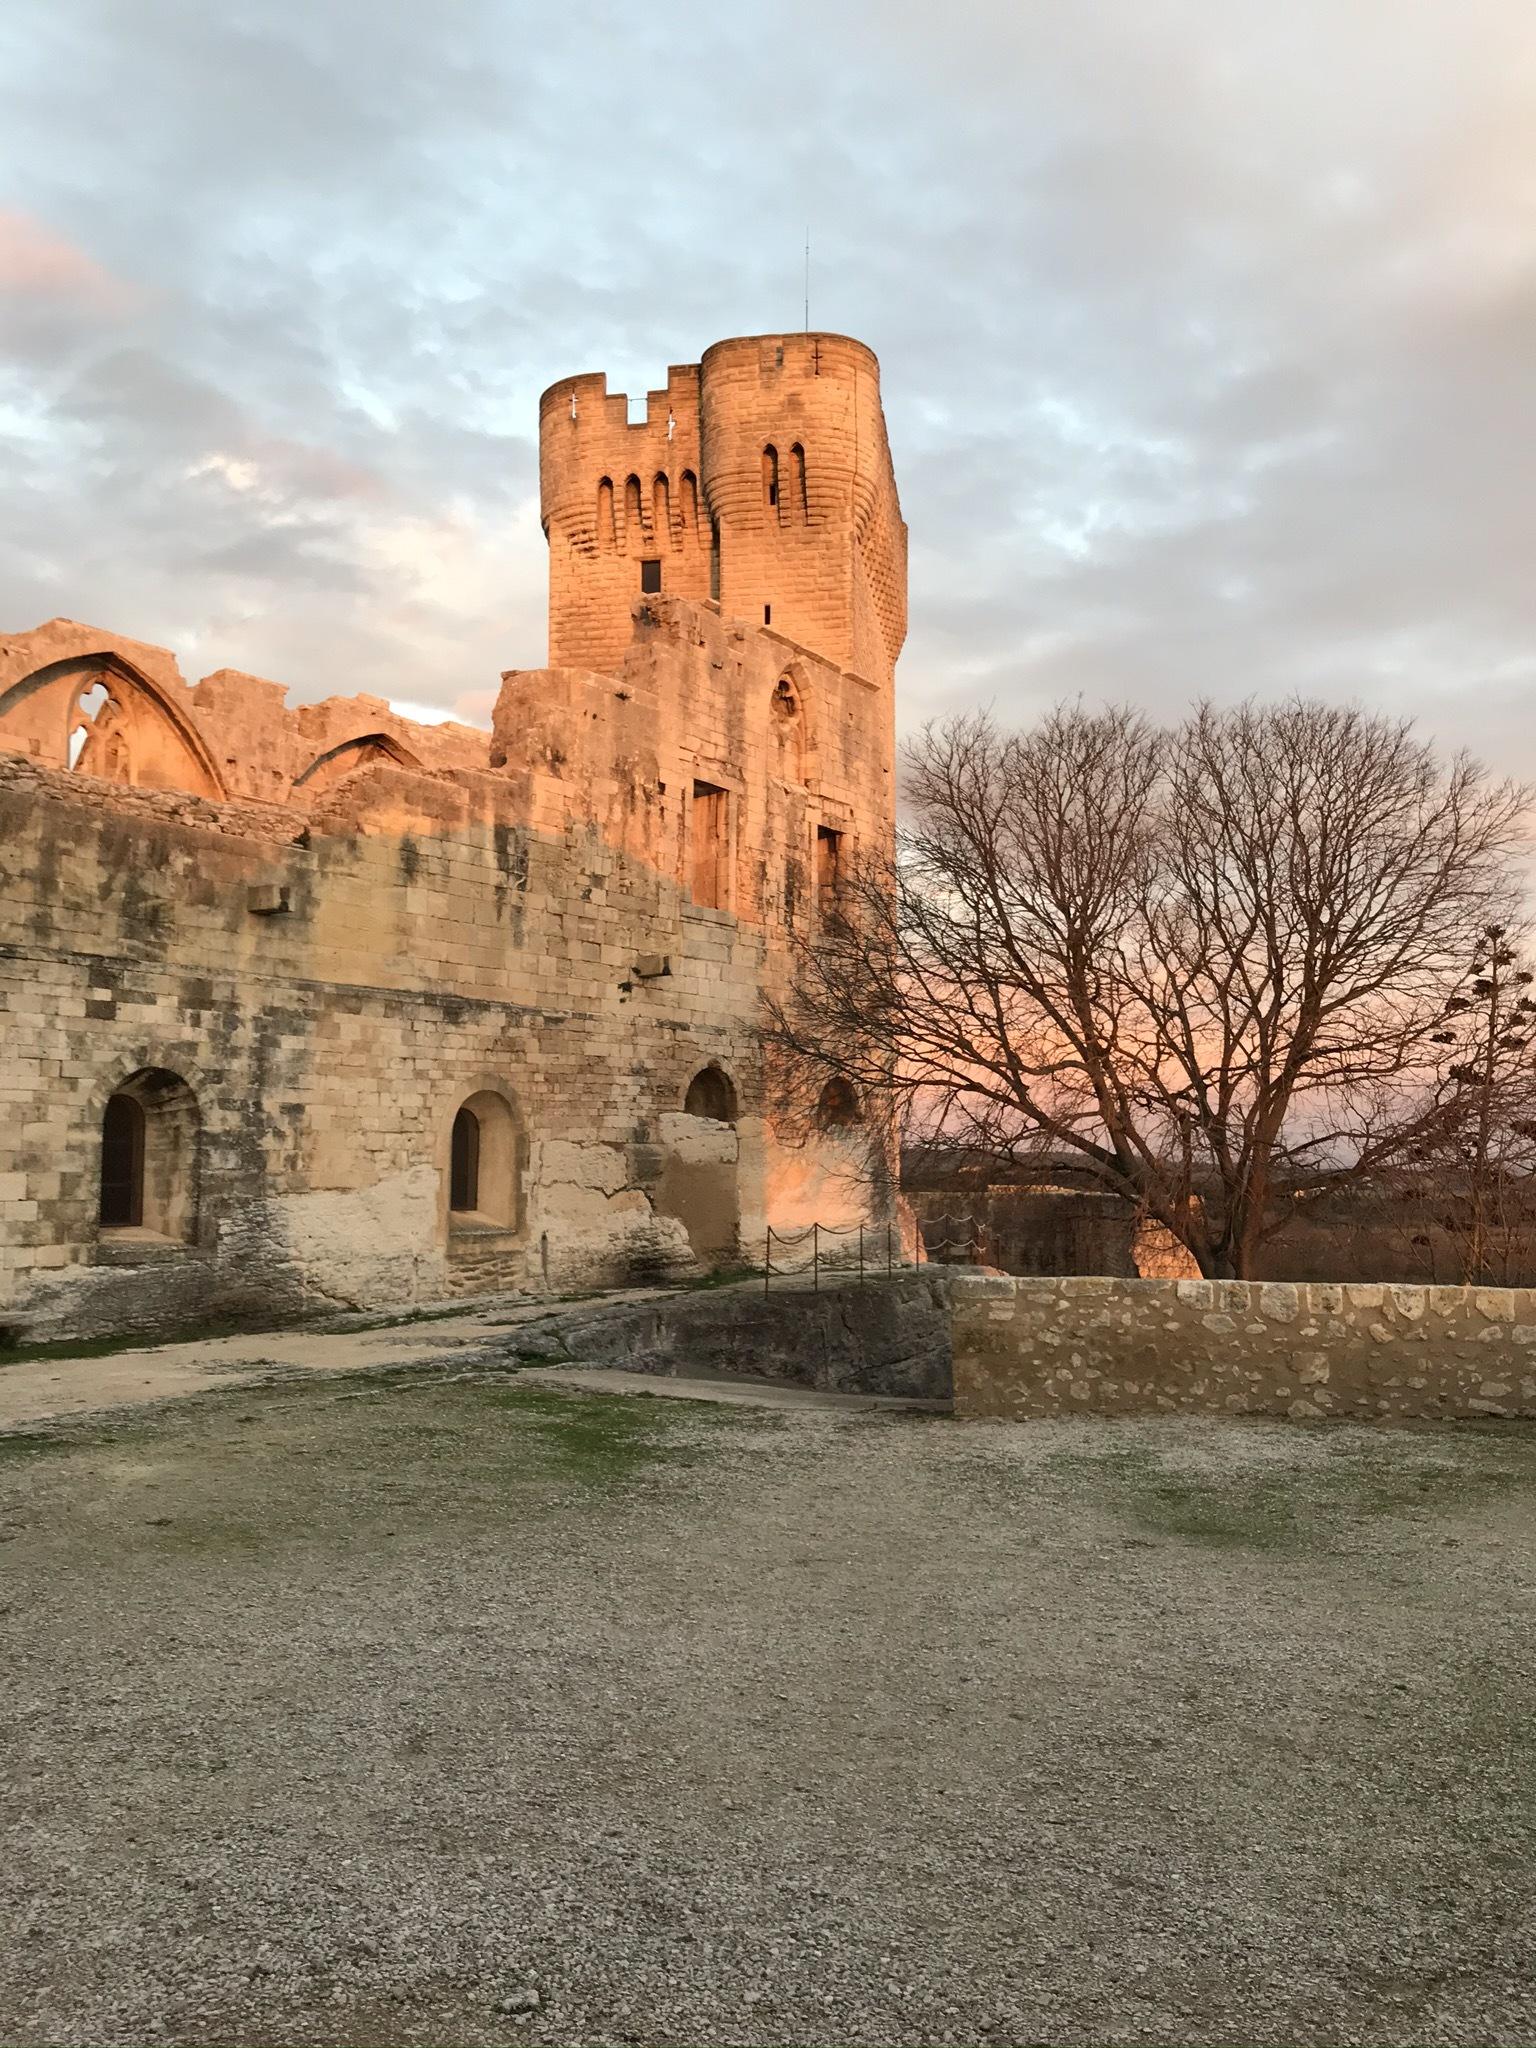 Dans le cadre du festival Arles se livre (www.arles-se-livre.fr), l'abbaye de Montmajour vous propose les 7 et 8 mars des ateliers de calligraphie.